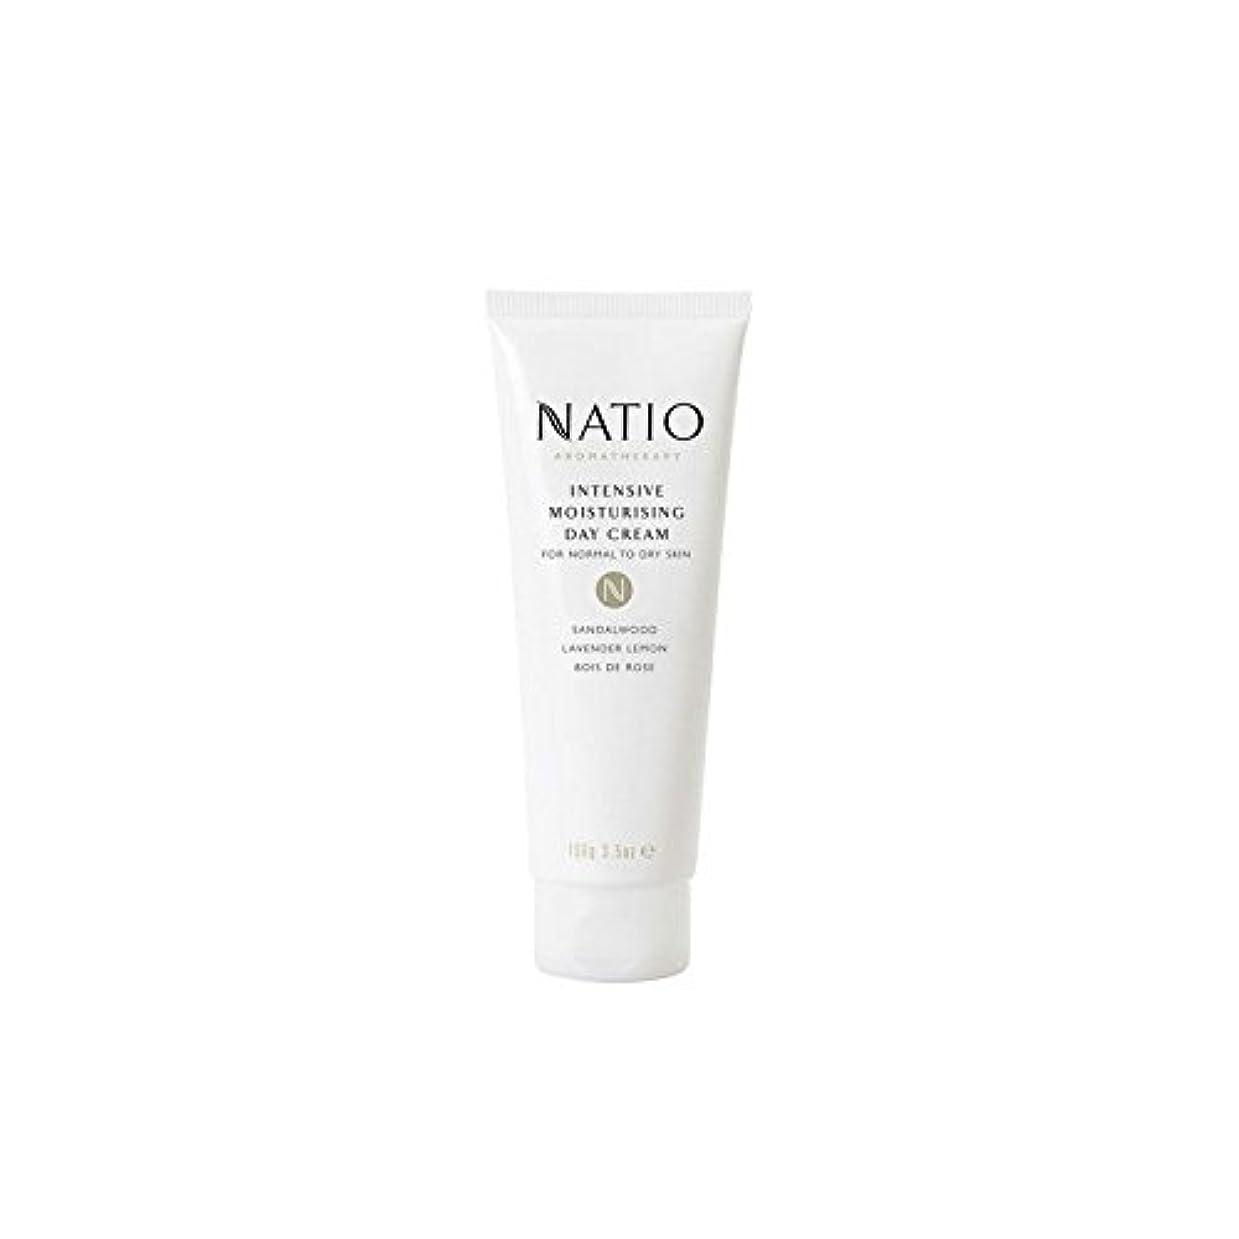 子羊黙認する息子Natio Intensive Moisturising Day Cream (100G) - 集中的な保湿デイクリーム(100グラム) [並行輸入品]